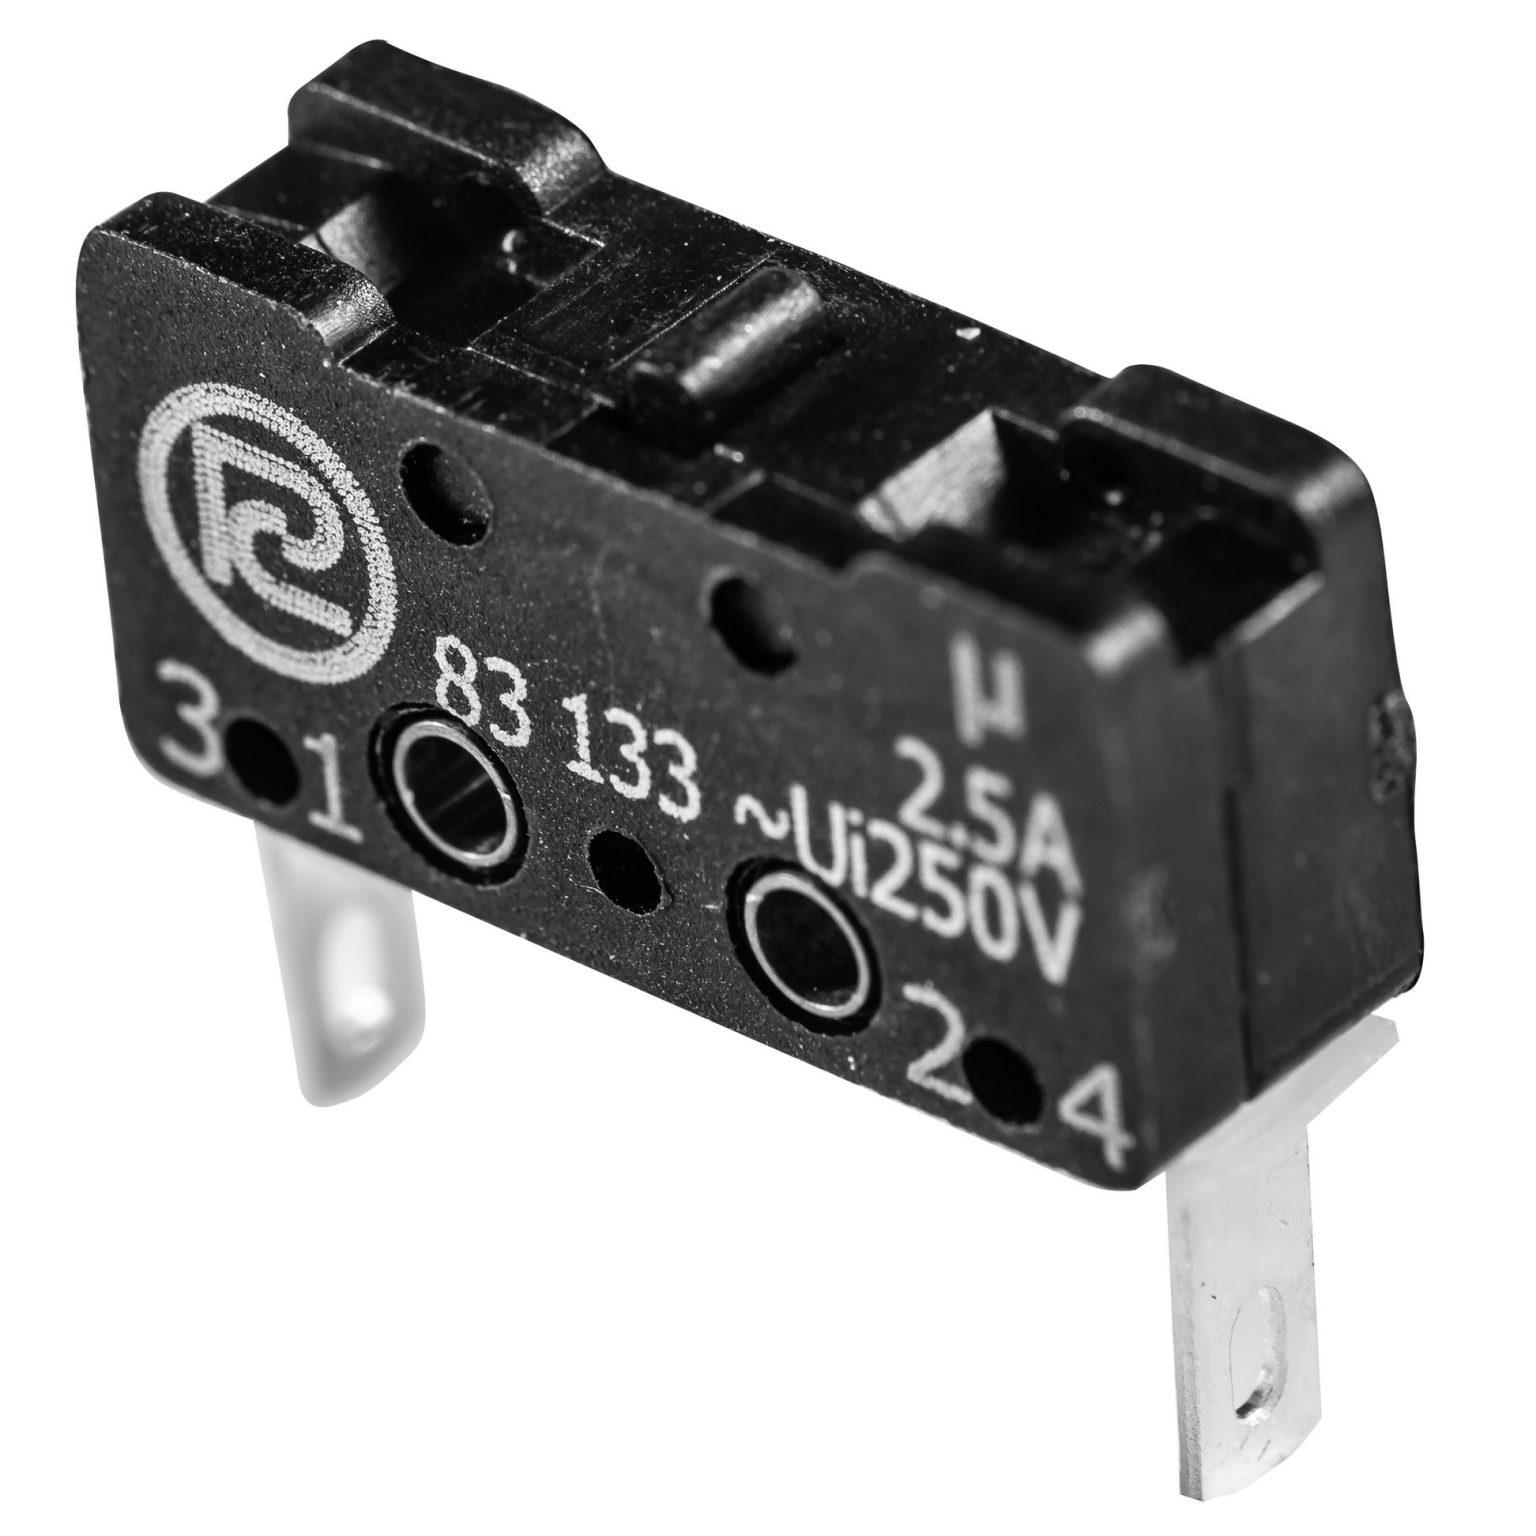 Łącznik miniaturowy 83.133sz 07.0501